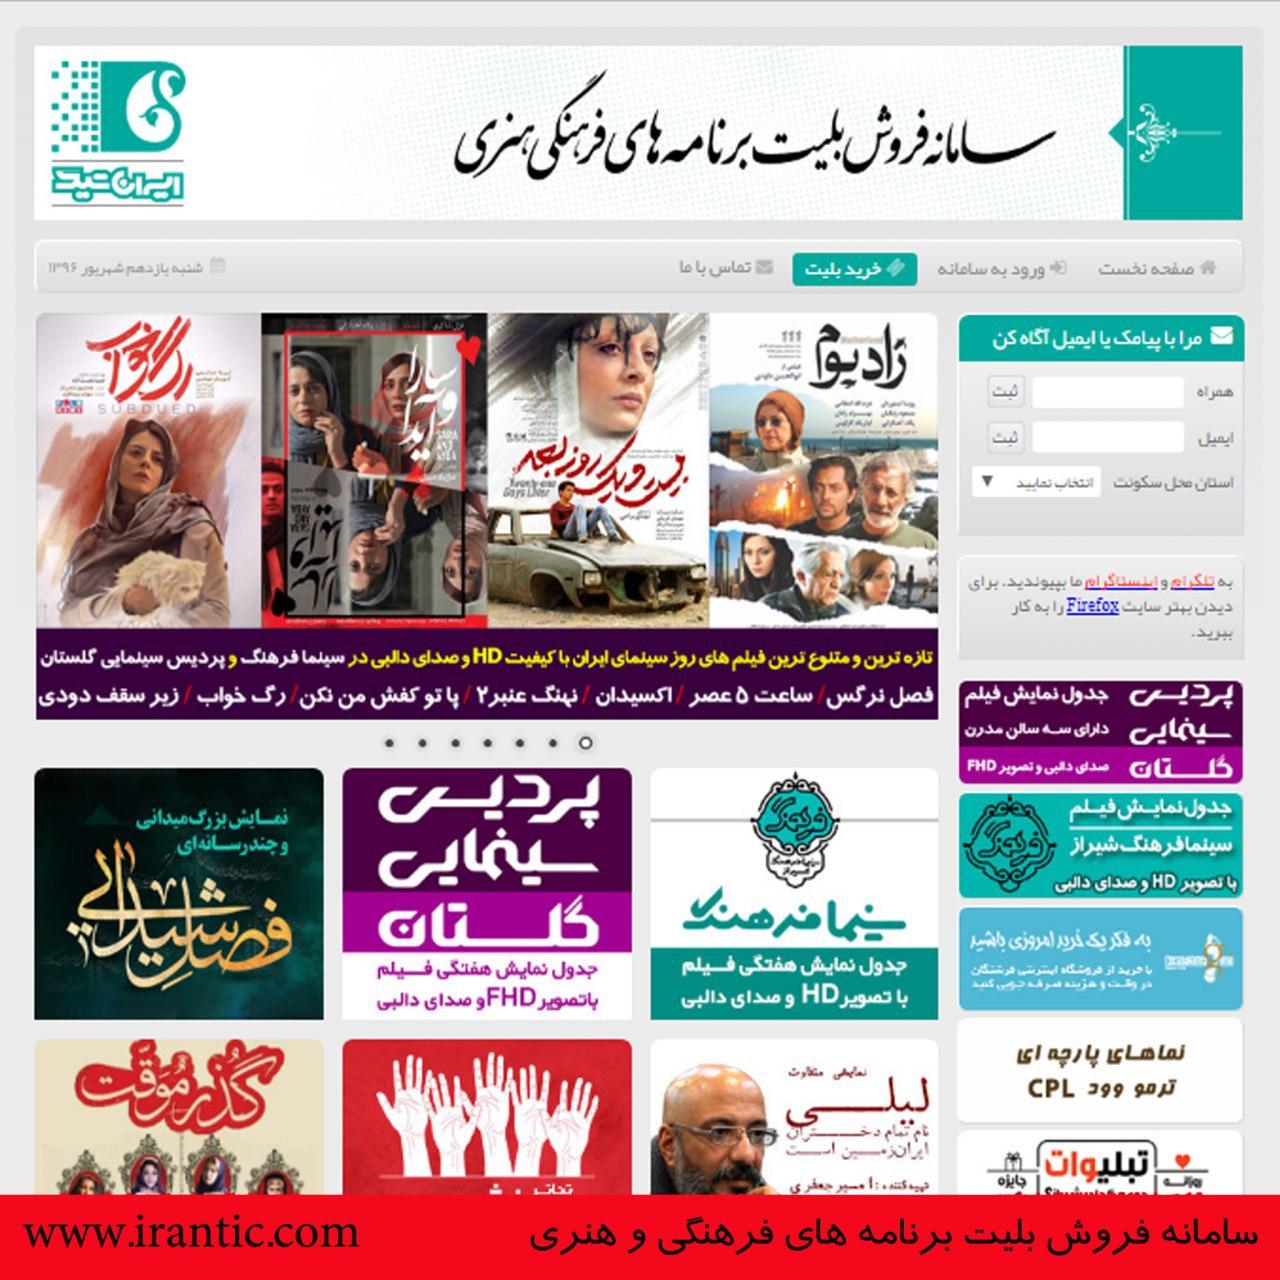 سامانه ایران تیک